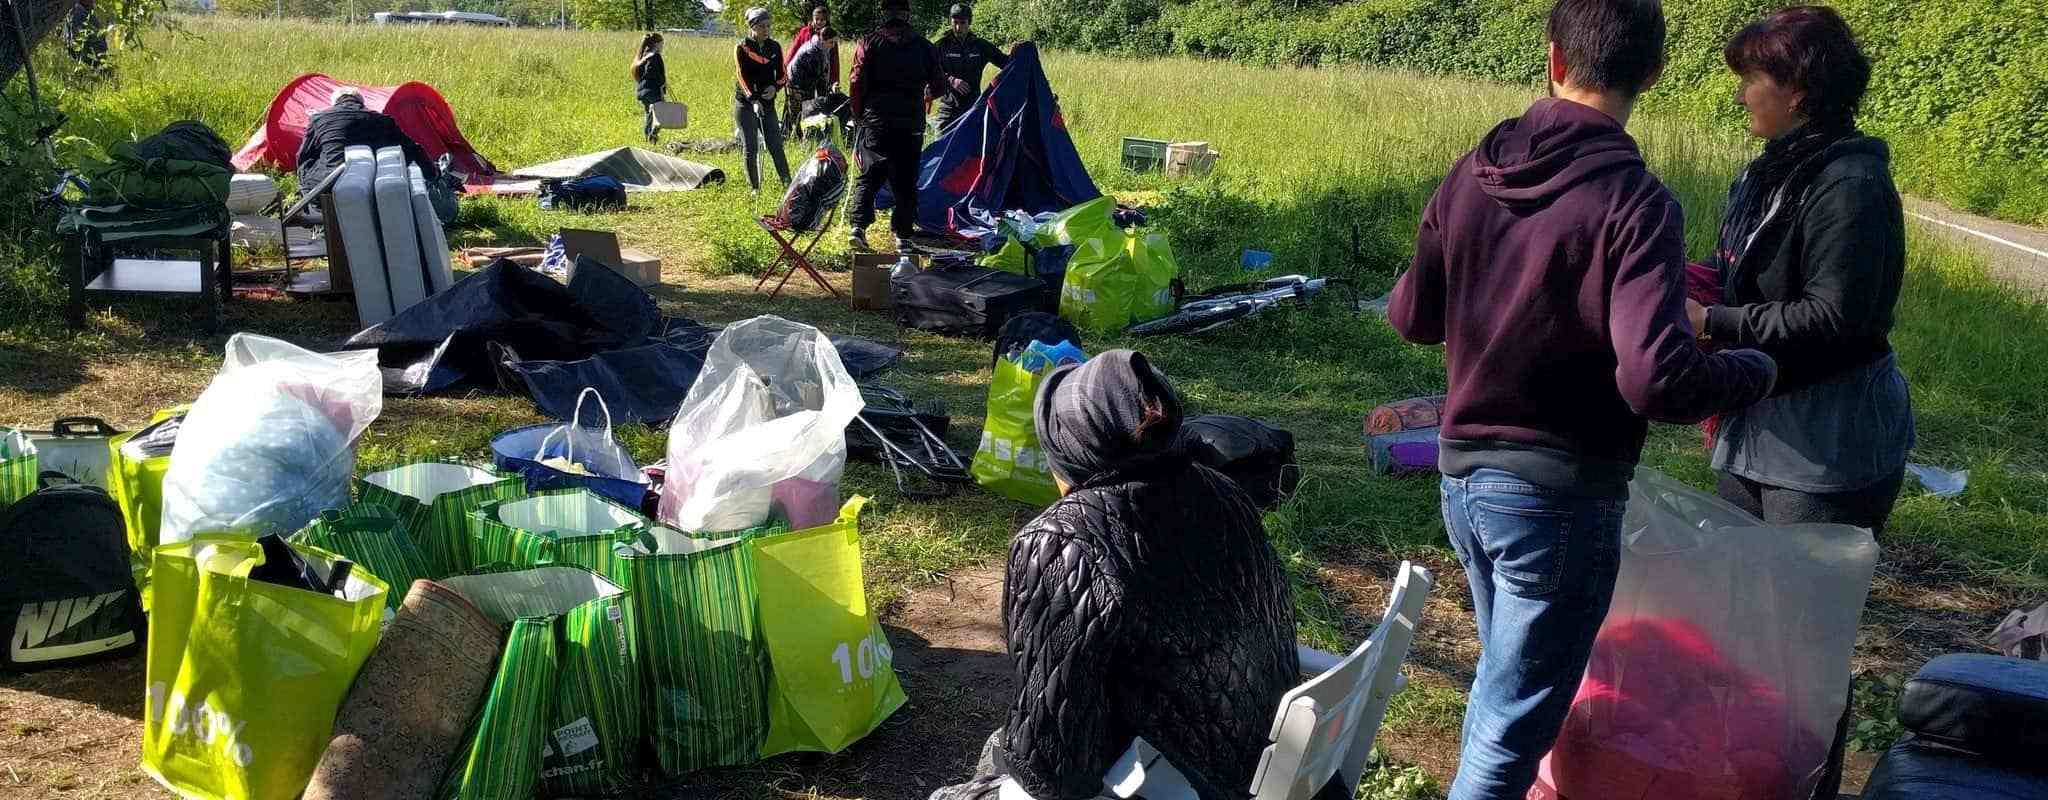 Pourquoi les camps de sans-abris seront un thème des municipales